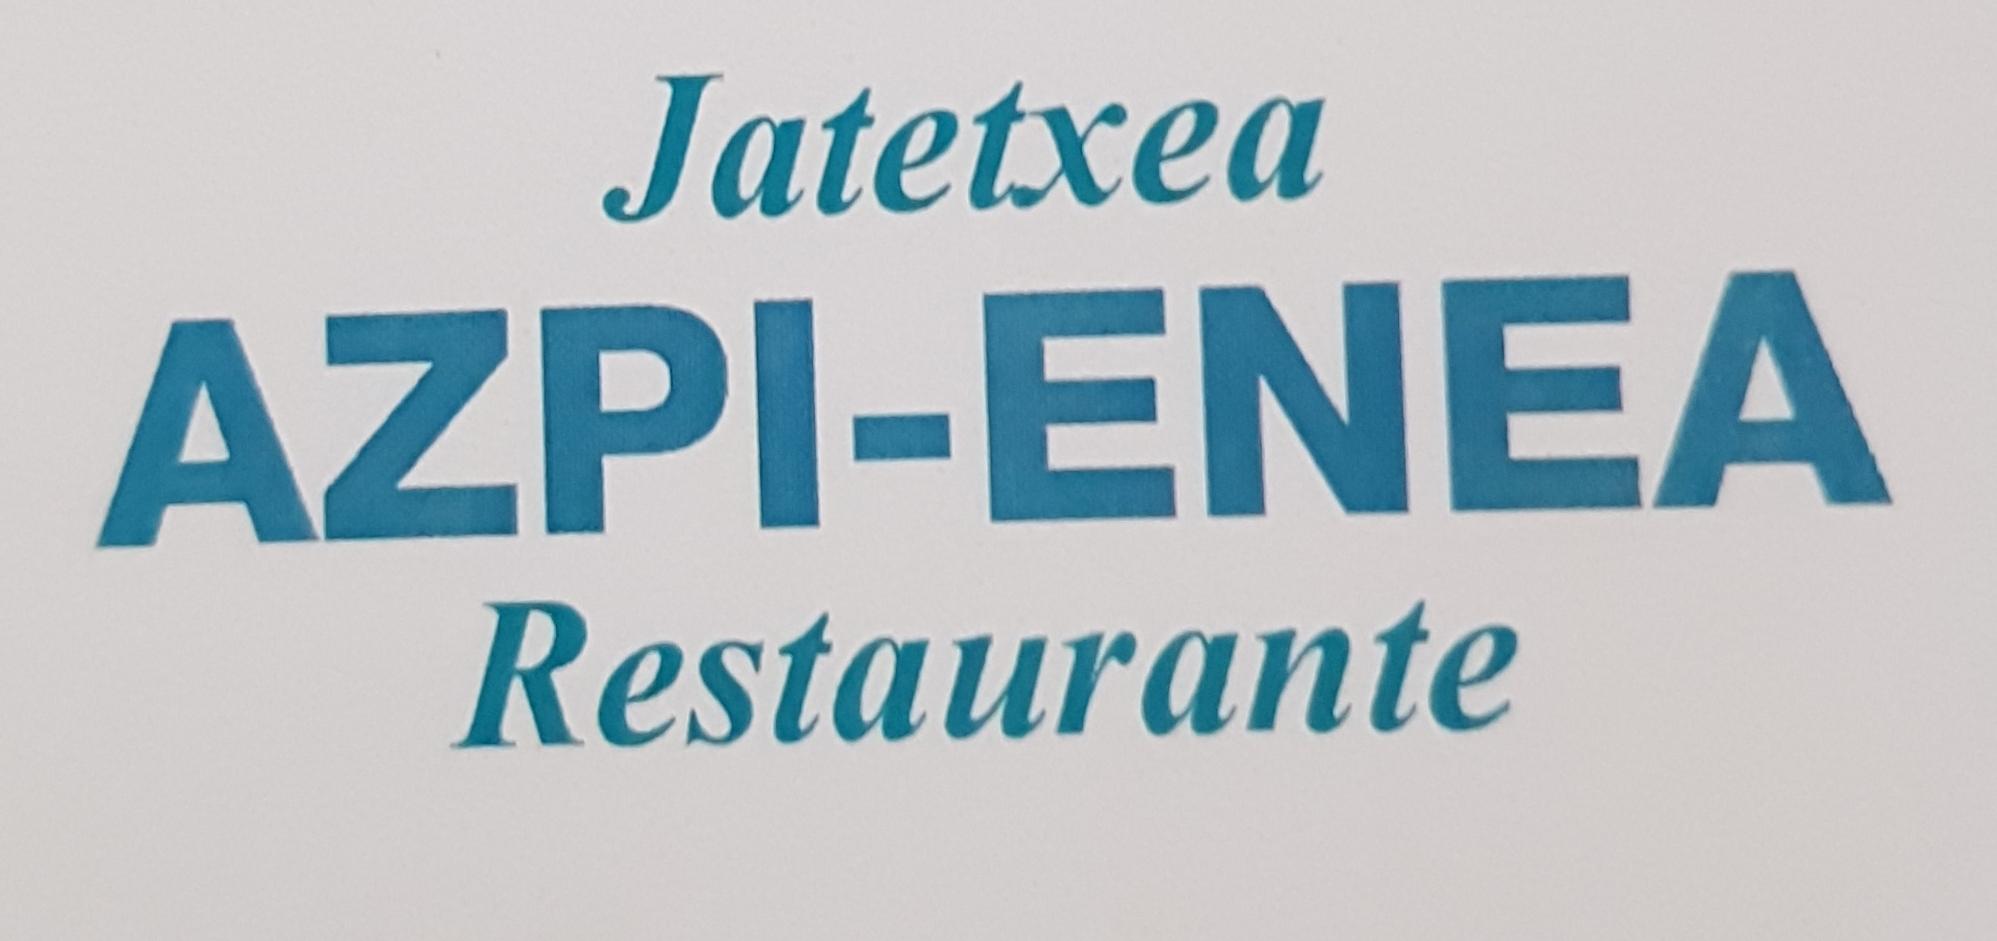 Restaurante Azpi-enea